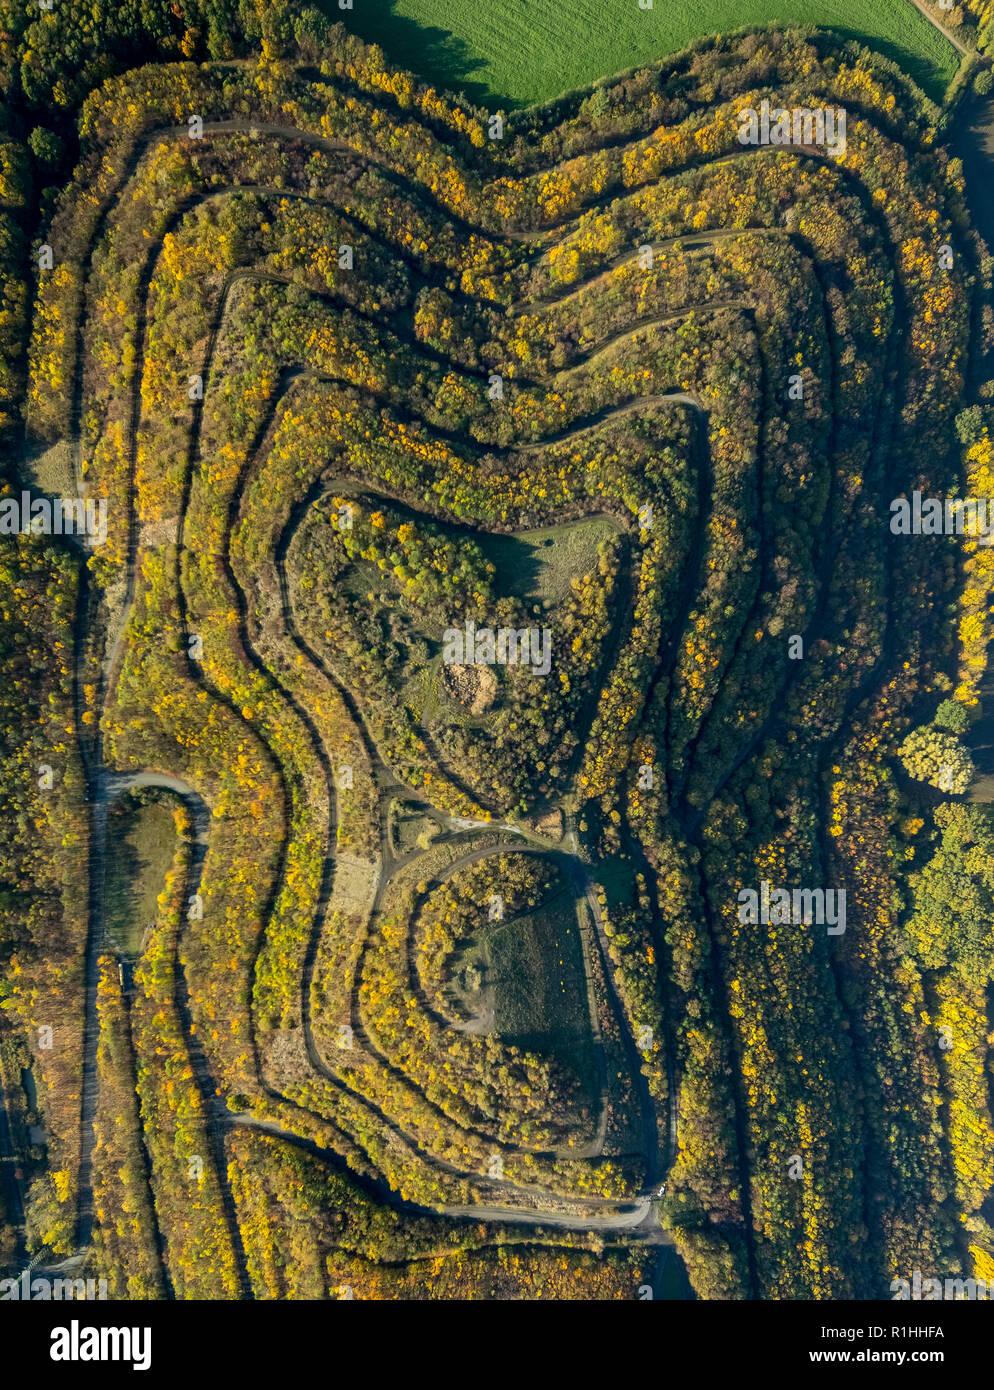 Luftaufnahme, Horten, Kissinger Höhe in Herringen, Wege, Höhenlinien, Linien gleicher Höhe, Wanderwegen, bunten Herbst Laub, Goldener Oktober, Hamm Stockbild